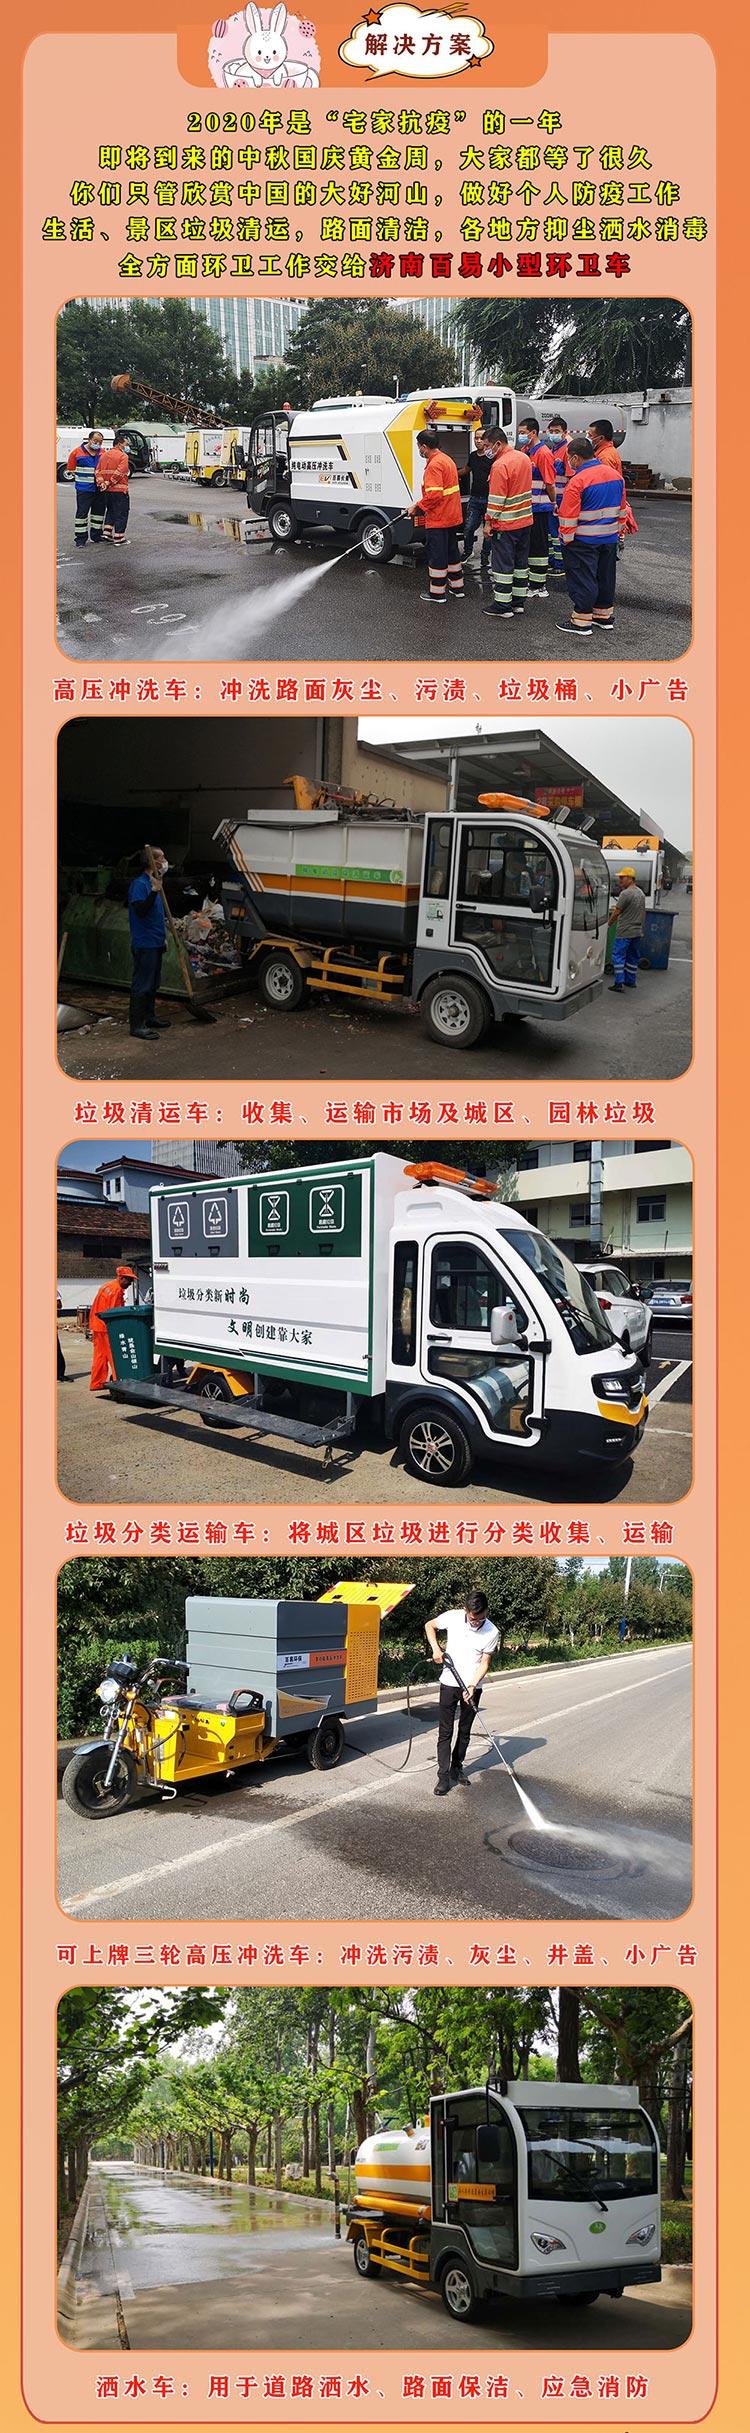 百易长青小型环卫车提供景区环境卫生解决方案